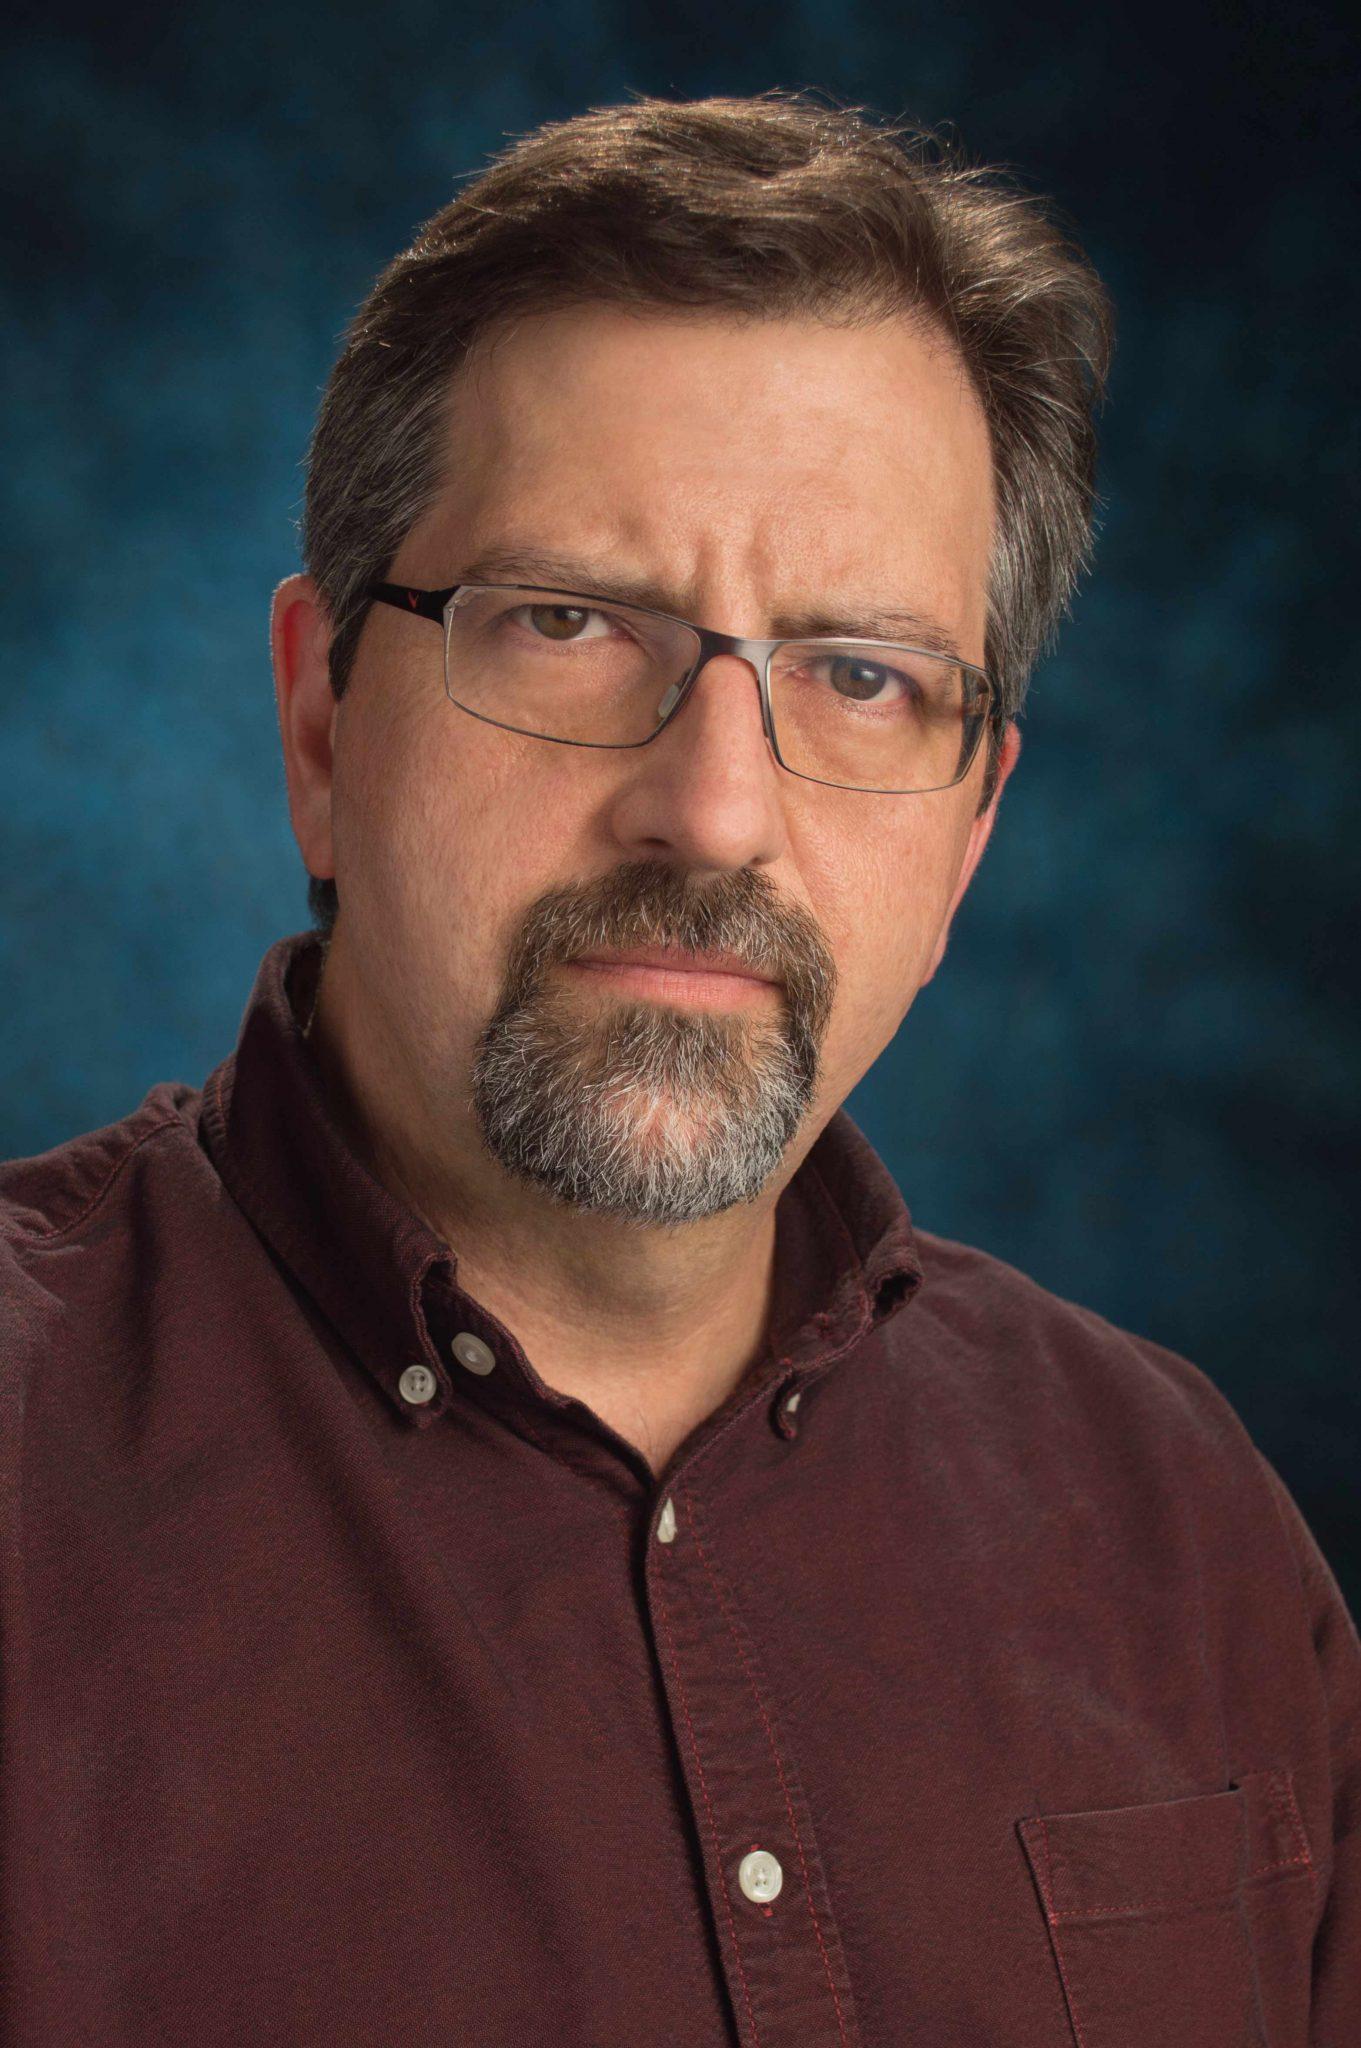 Joshua Shear